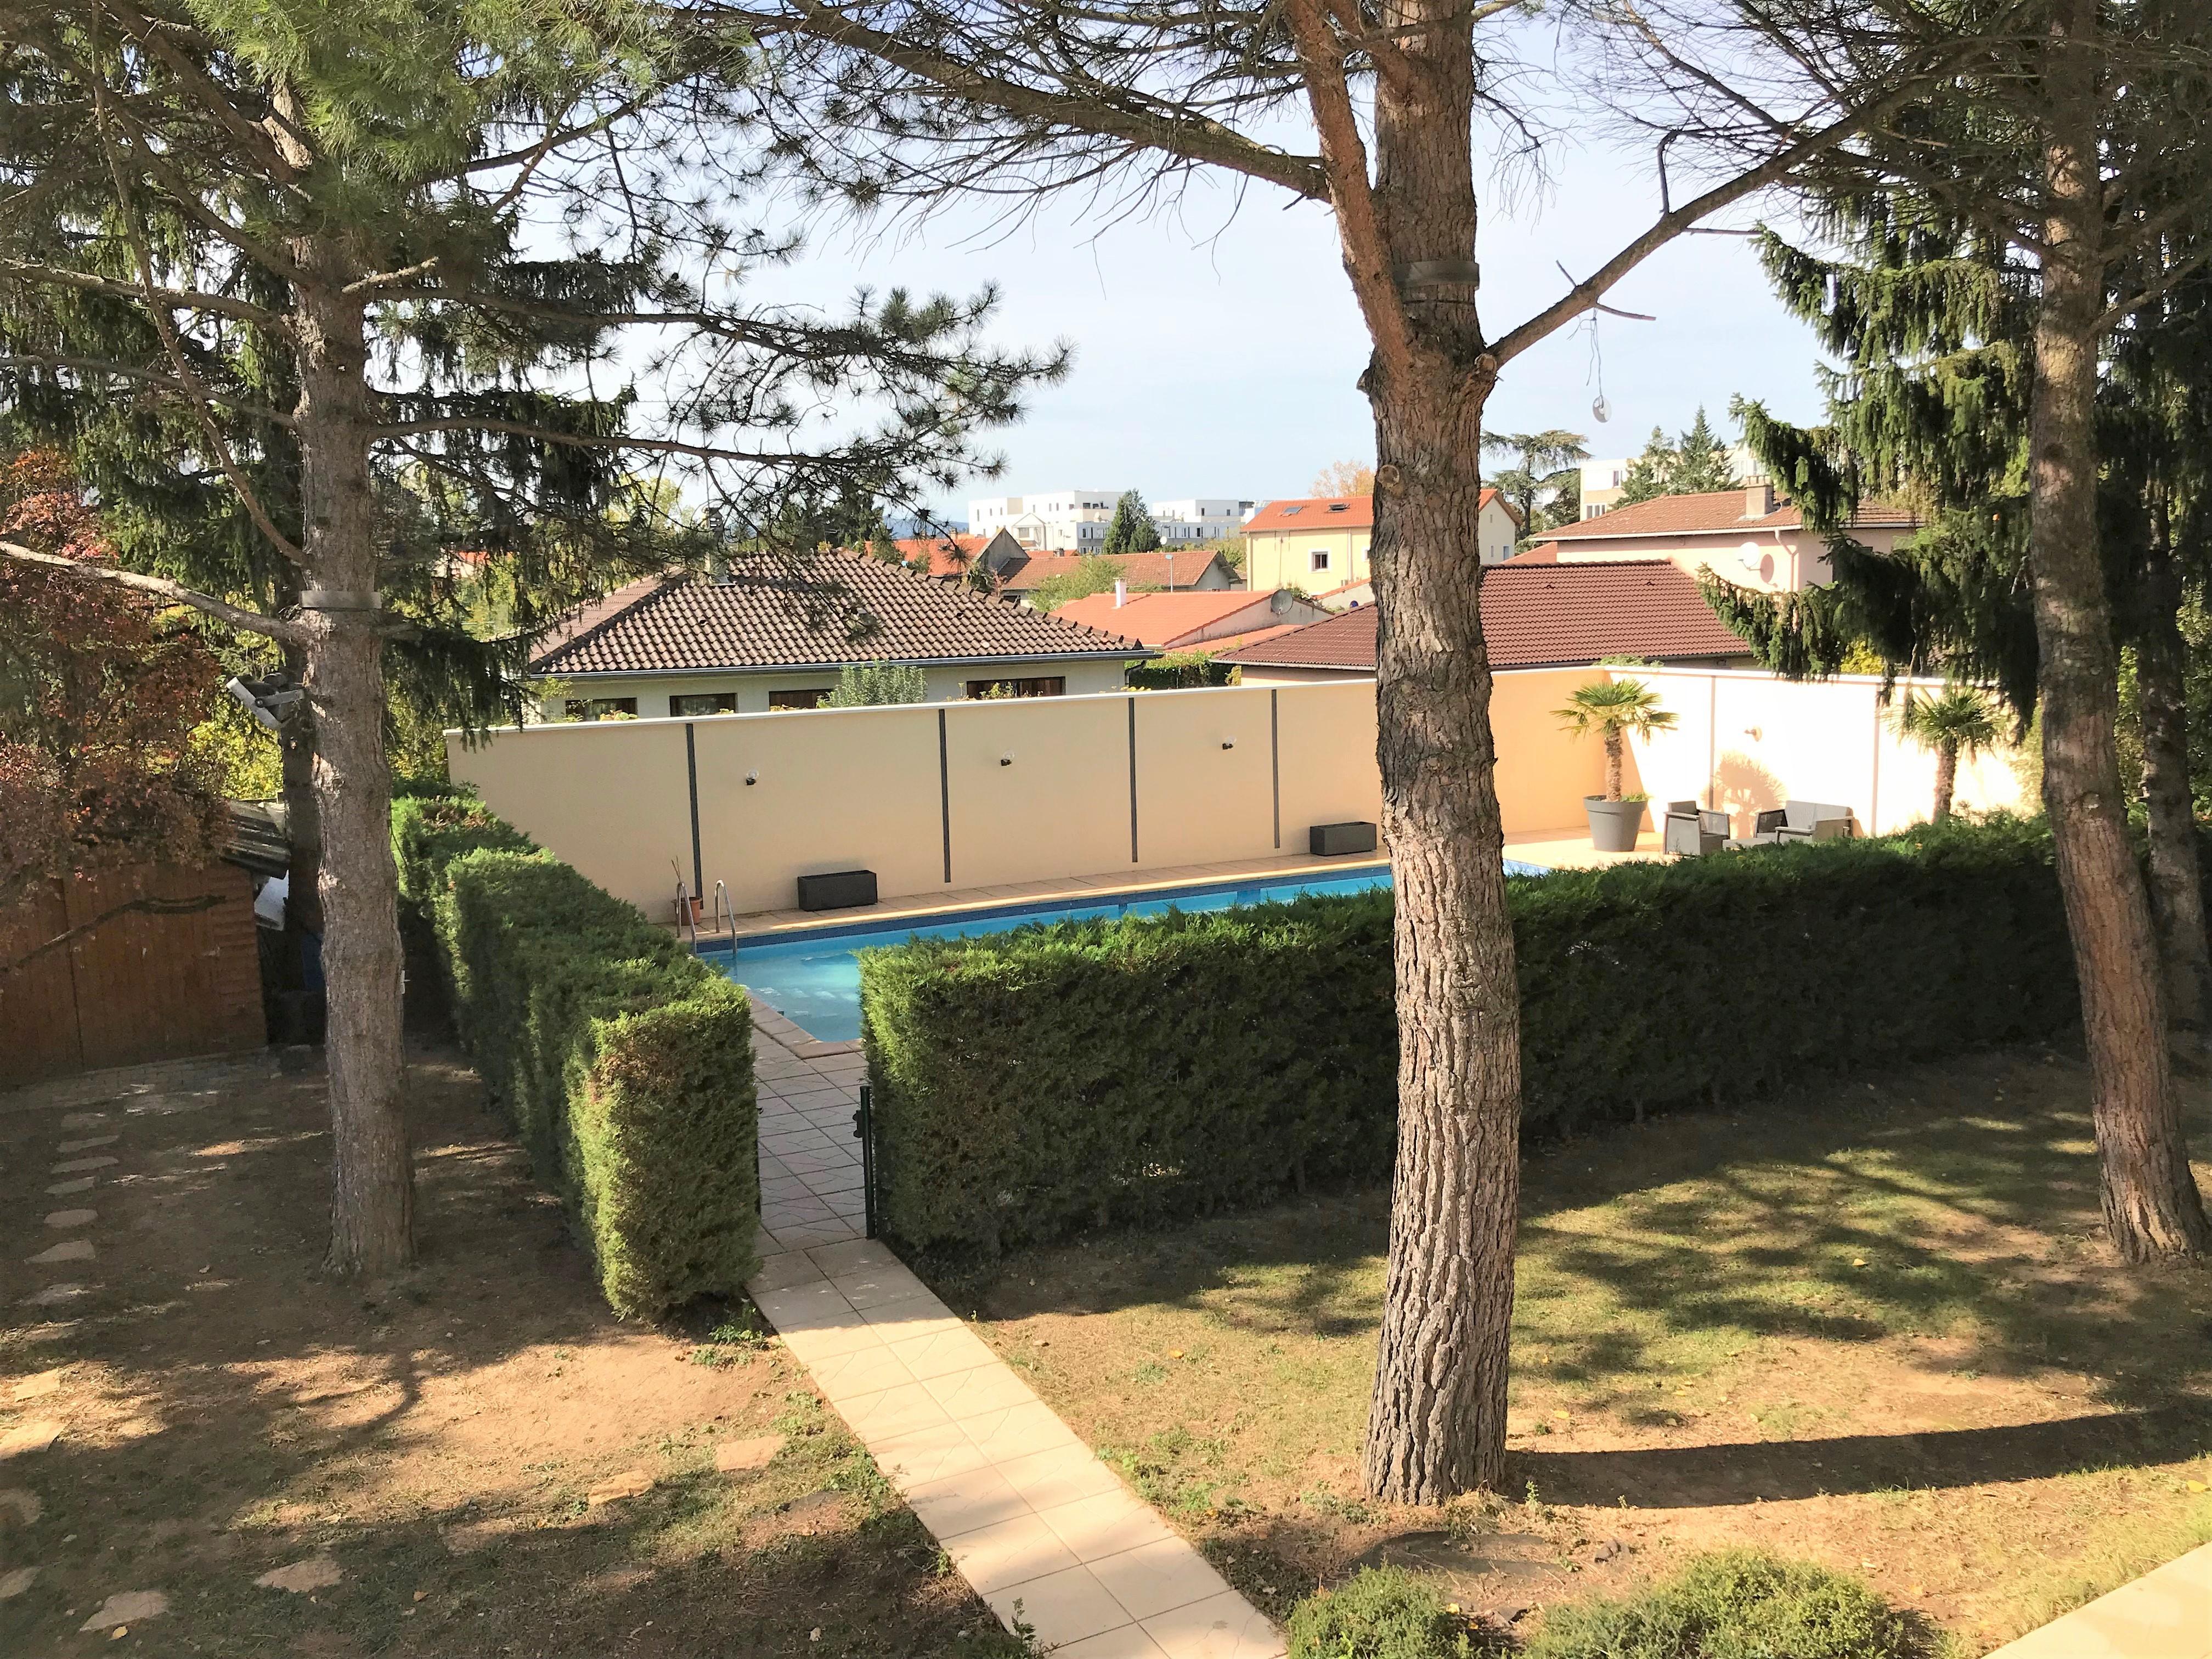 Le coin piscine espace entreprise centre d 39 affaires for Entreprise piscine